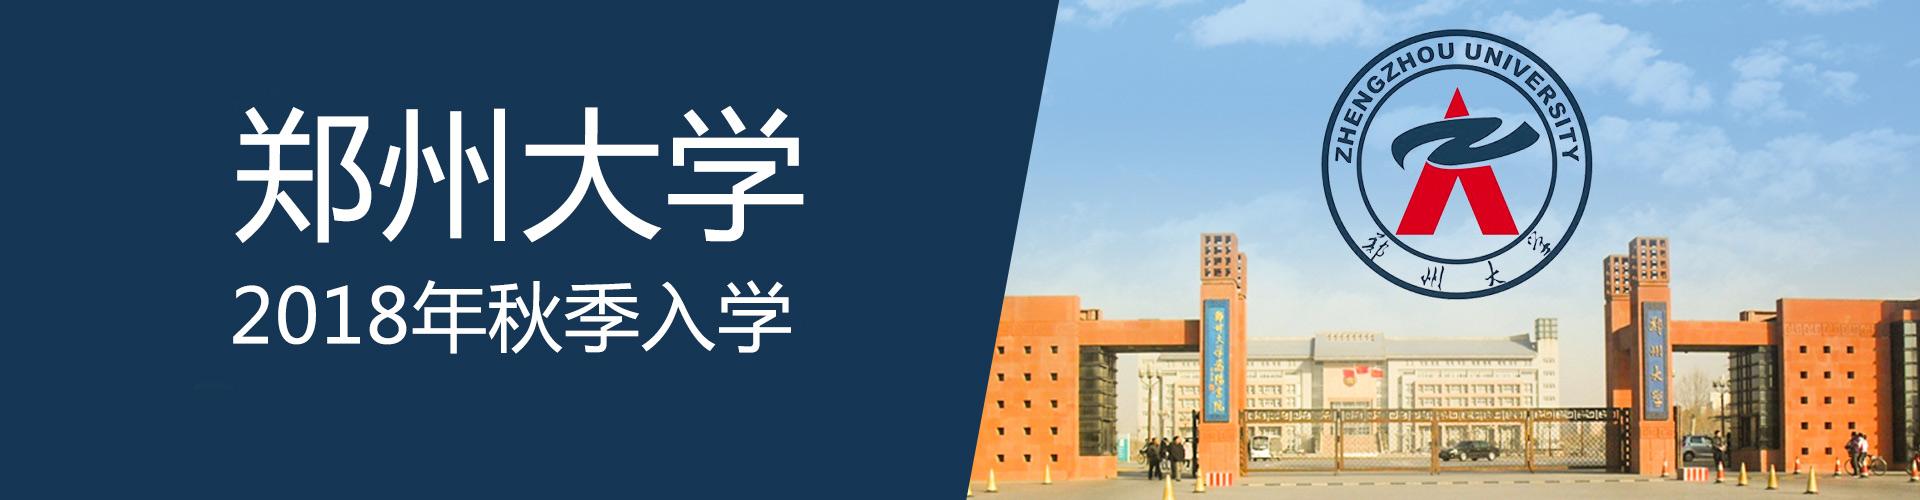 郑州大学2018年招生简章